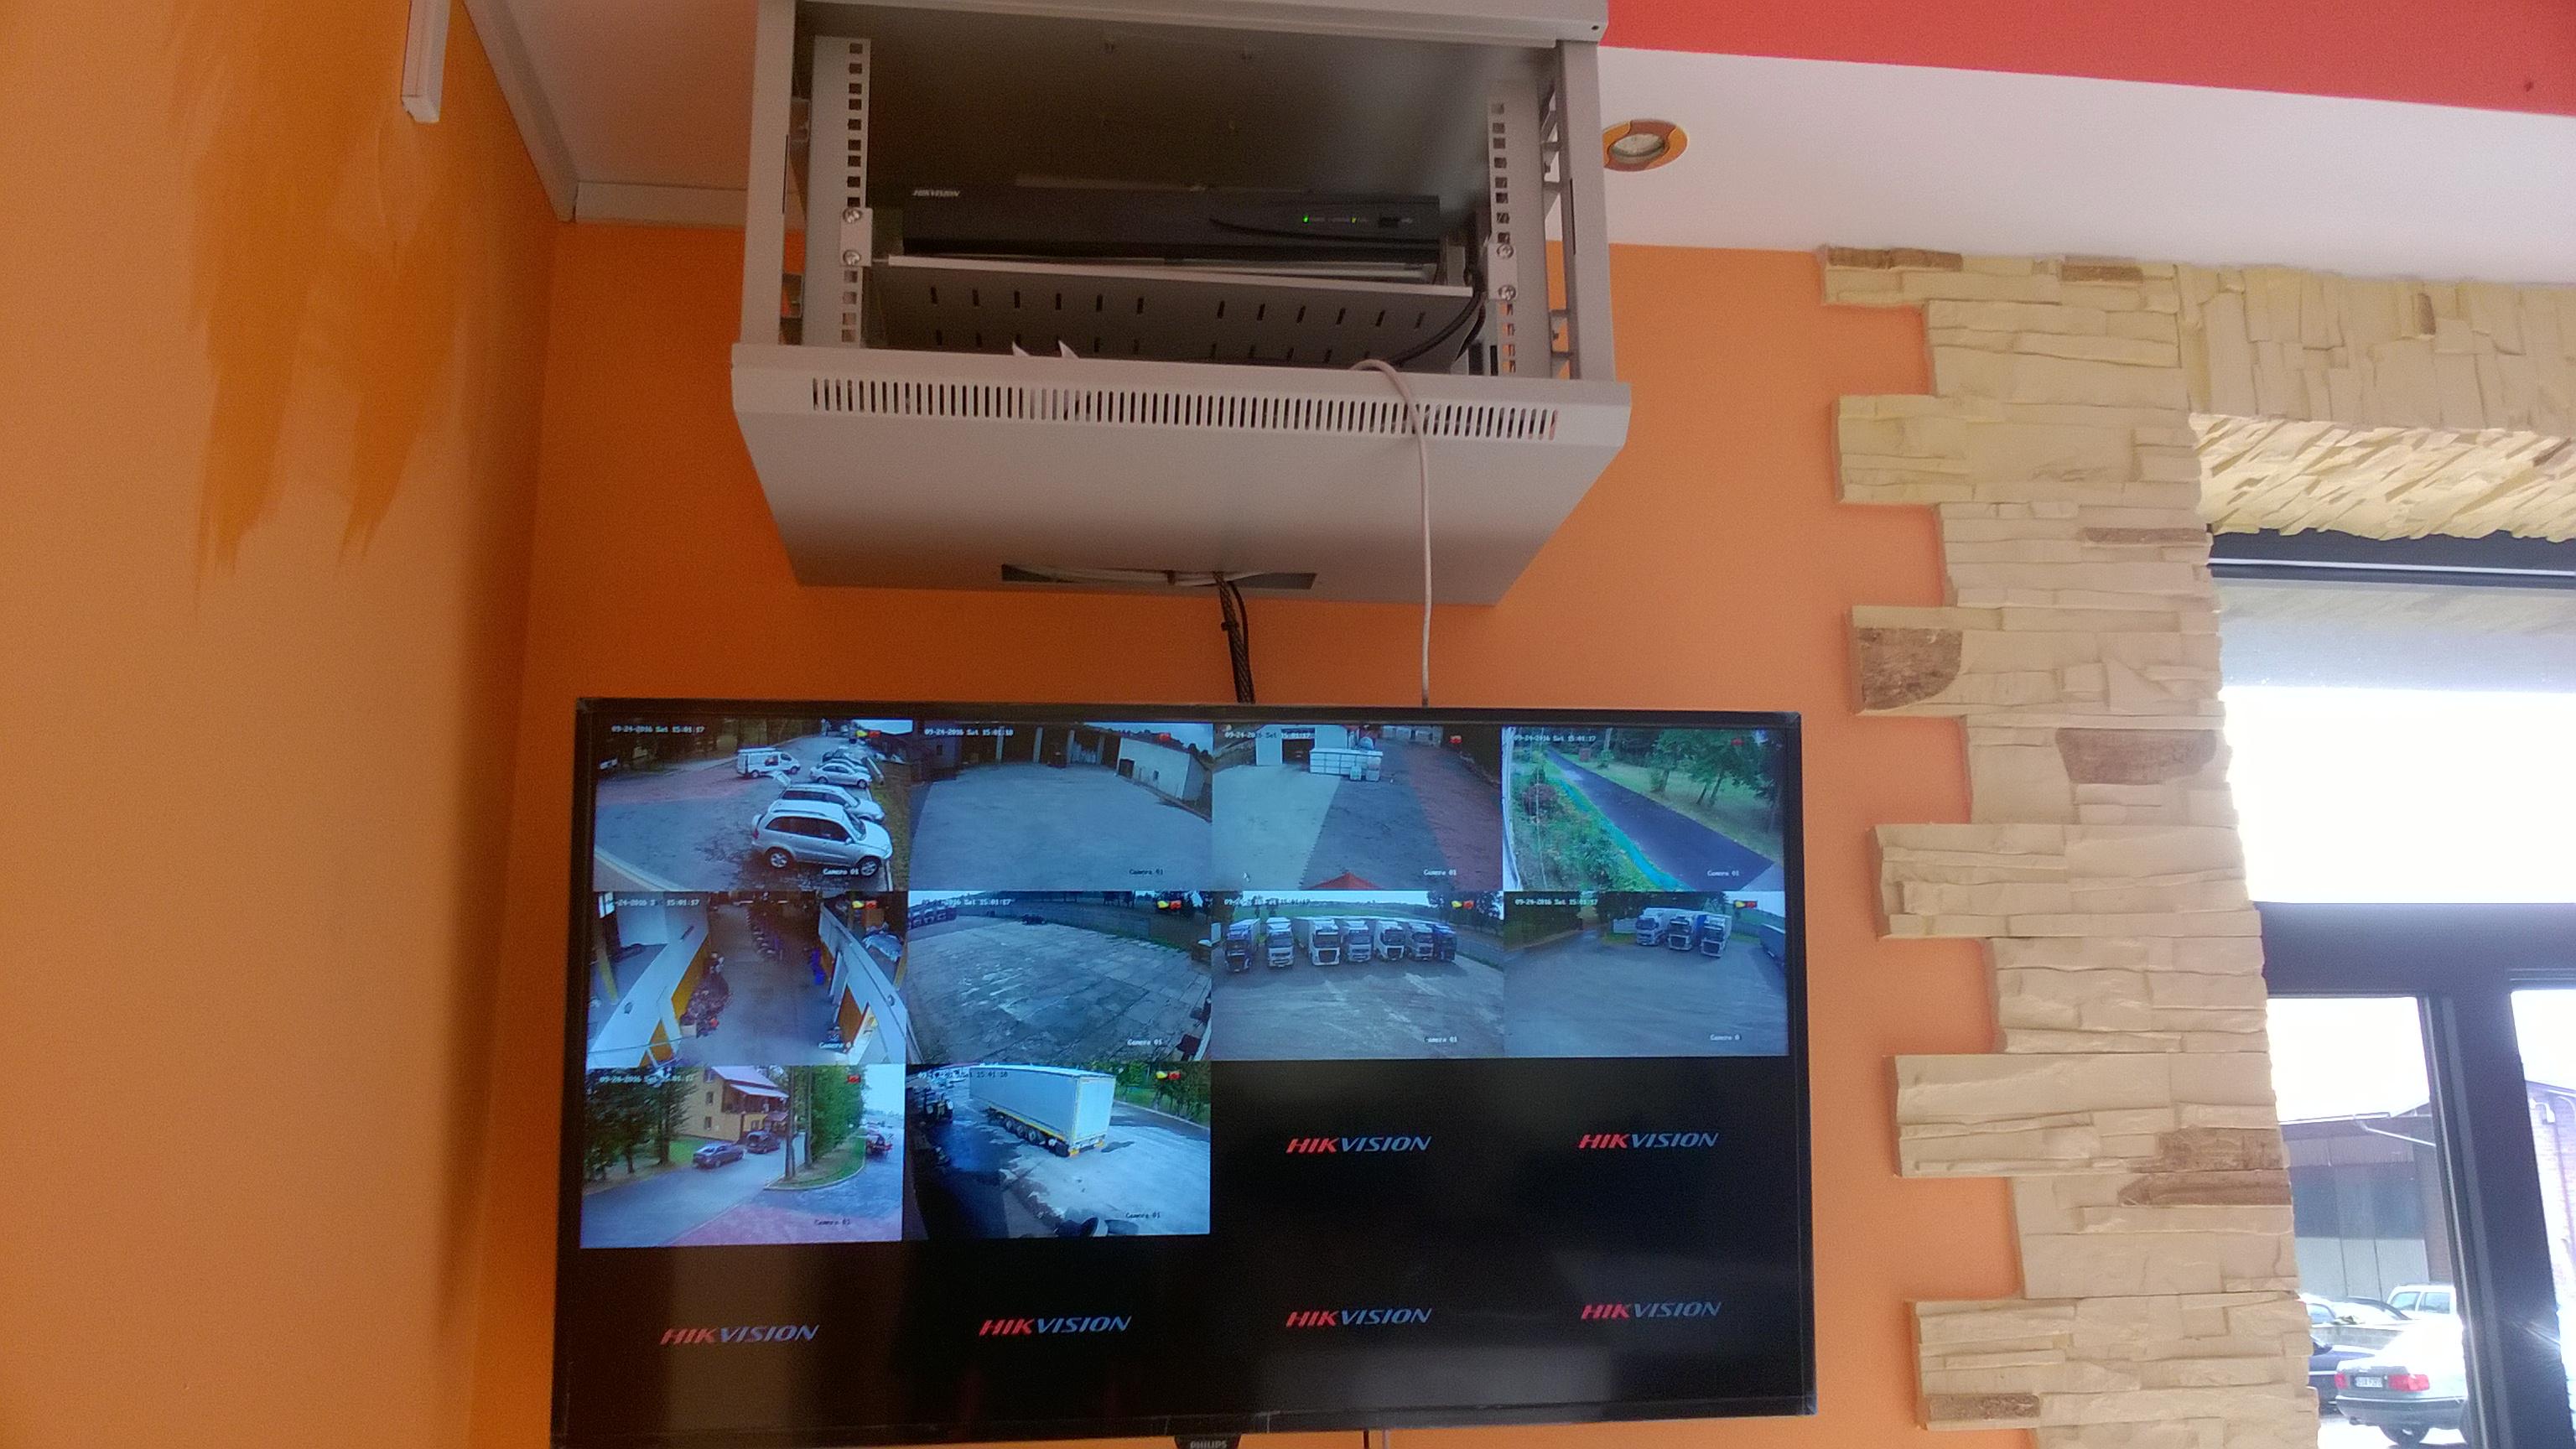 monitoring-bilgoraj-monitoring-zamosc-monitoring-krasnik-monitoring-janow-lubelski-monitoring-gospodarstwa-rolnego-monitoring-chelm-monitoring-lezajsk-23-infomech-monitoring-wizyjny-systemy-zabezpie